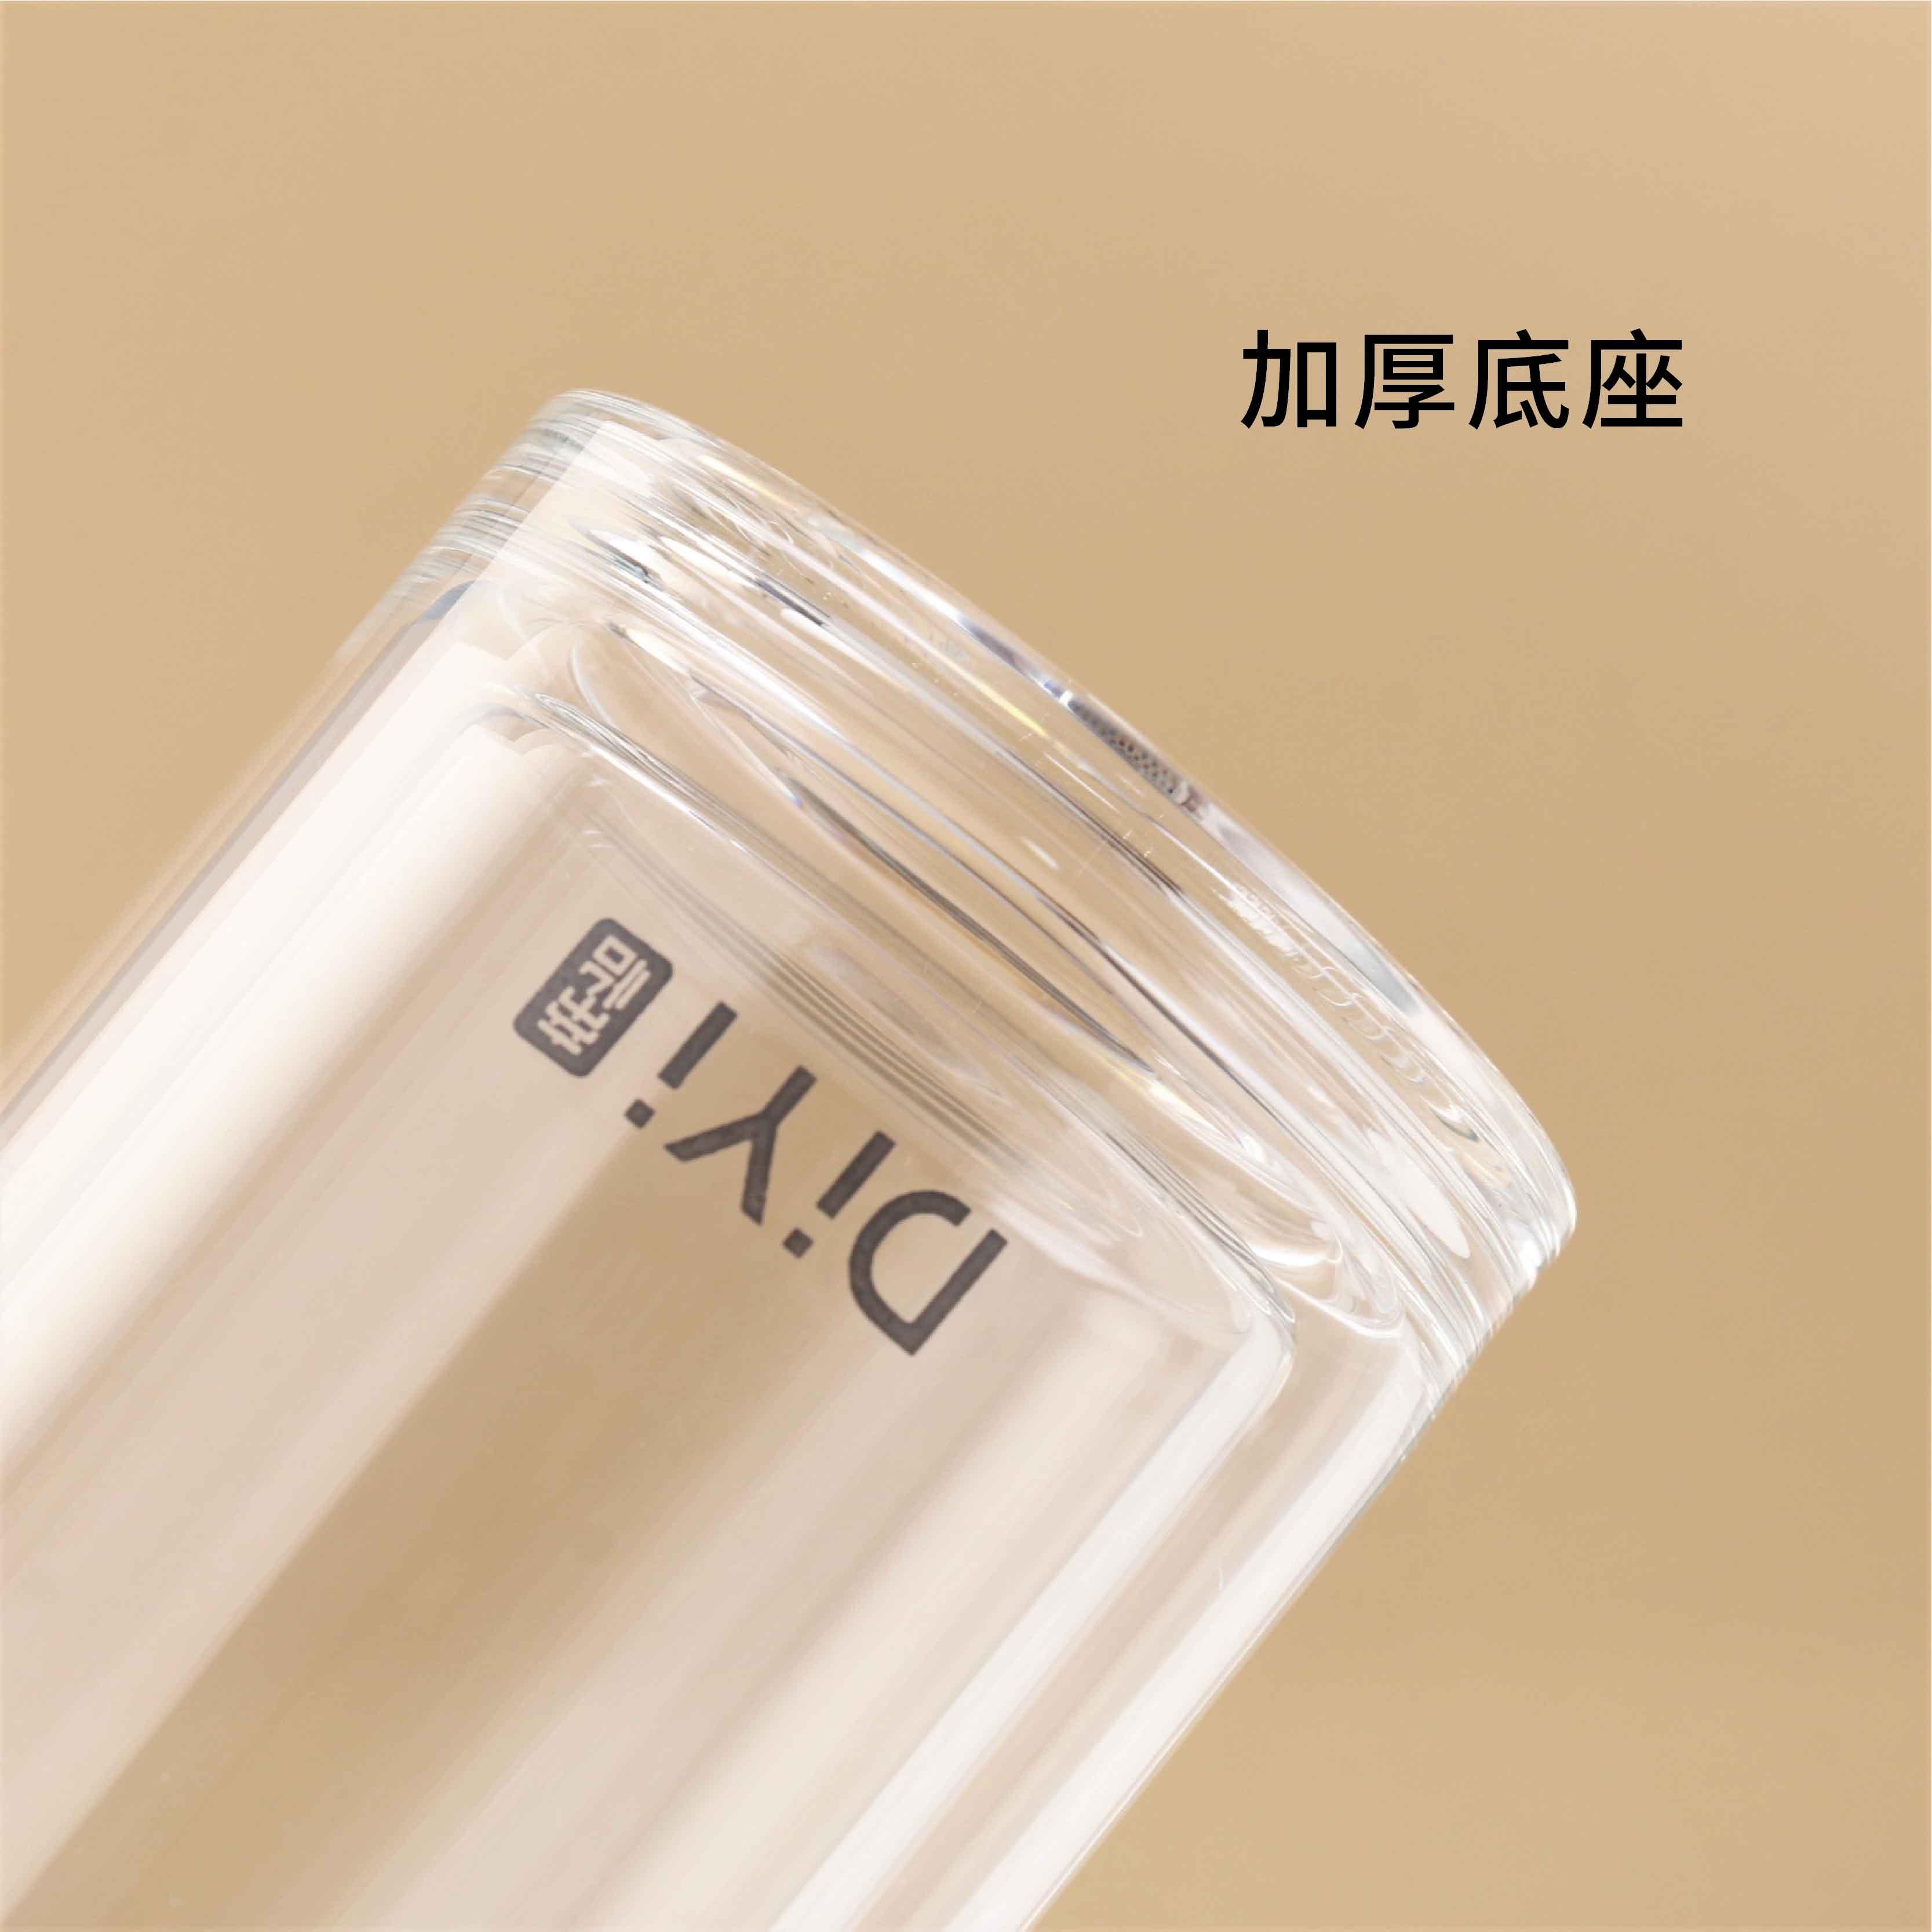 DY-BL418帝怡吹影镂尘提手玻璃杯300ml